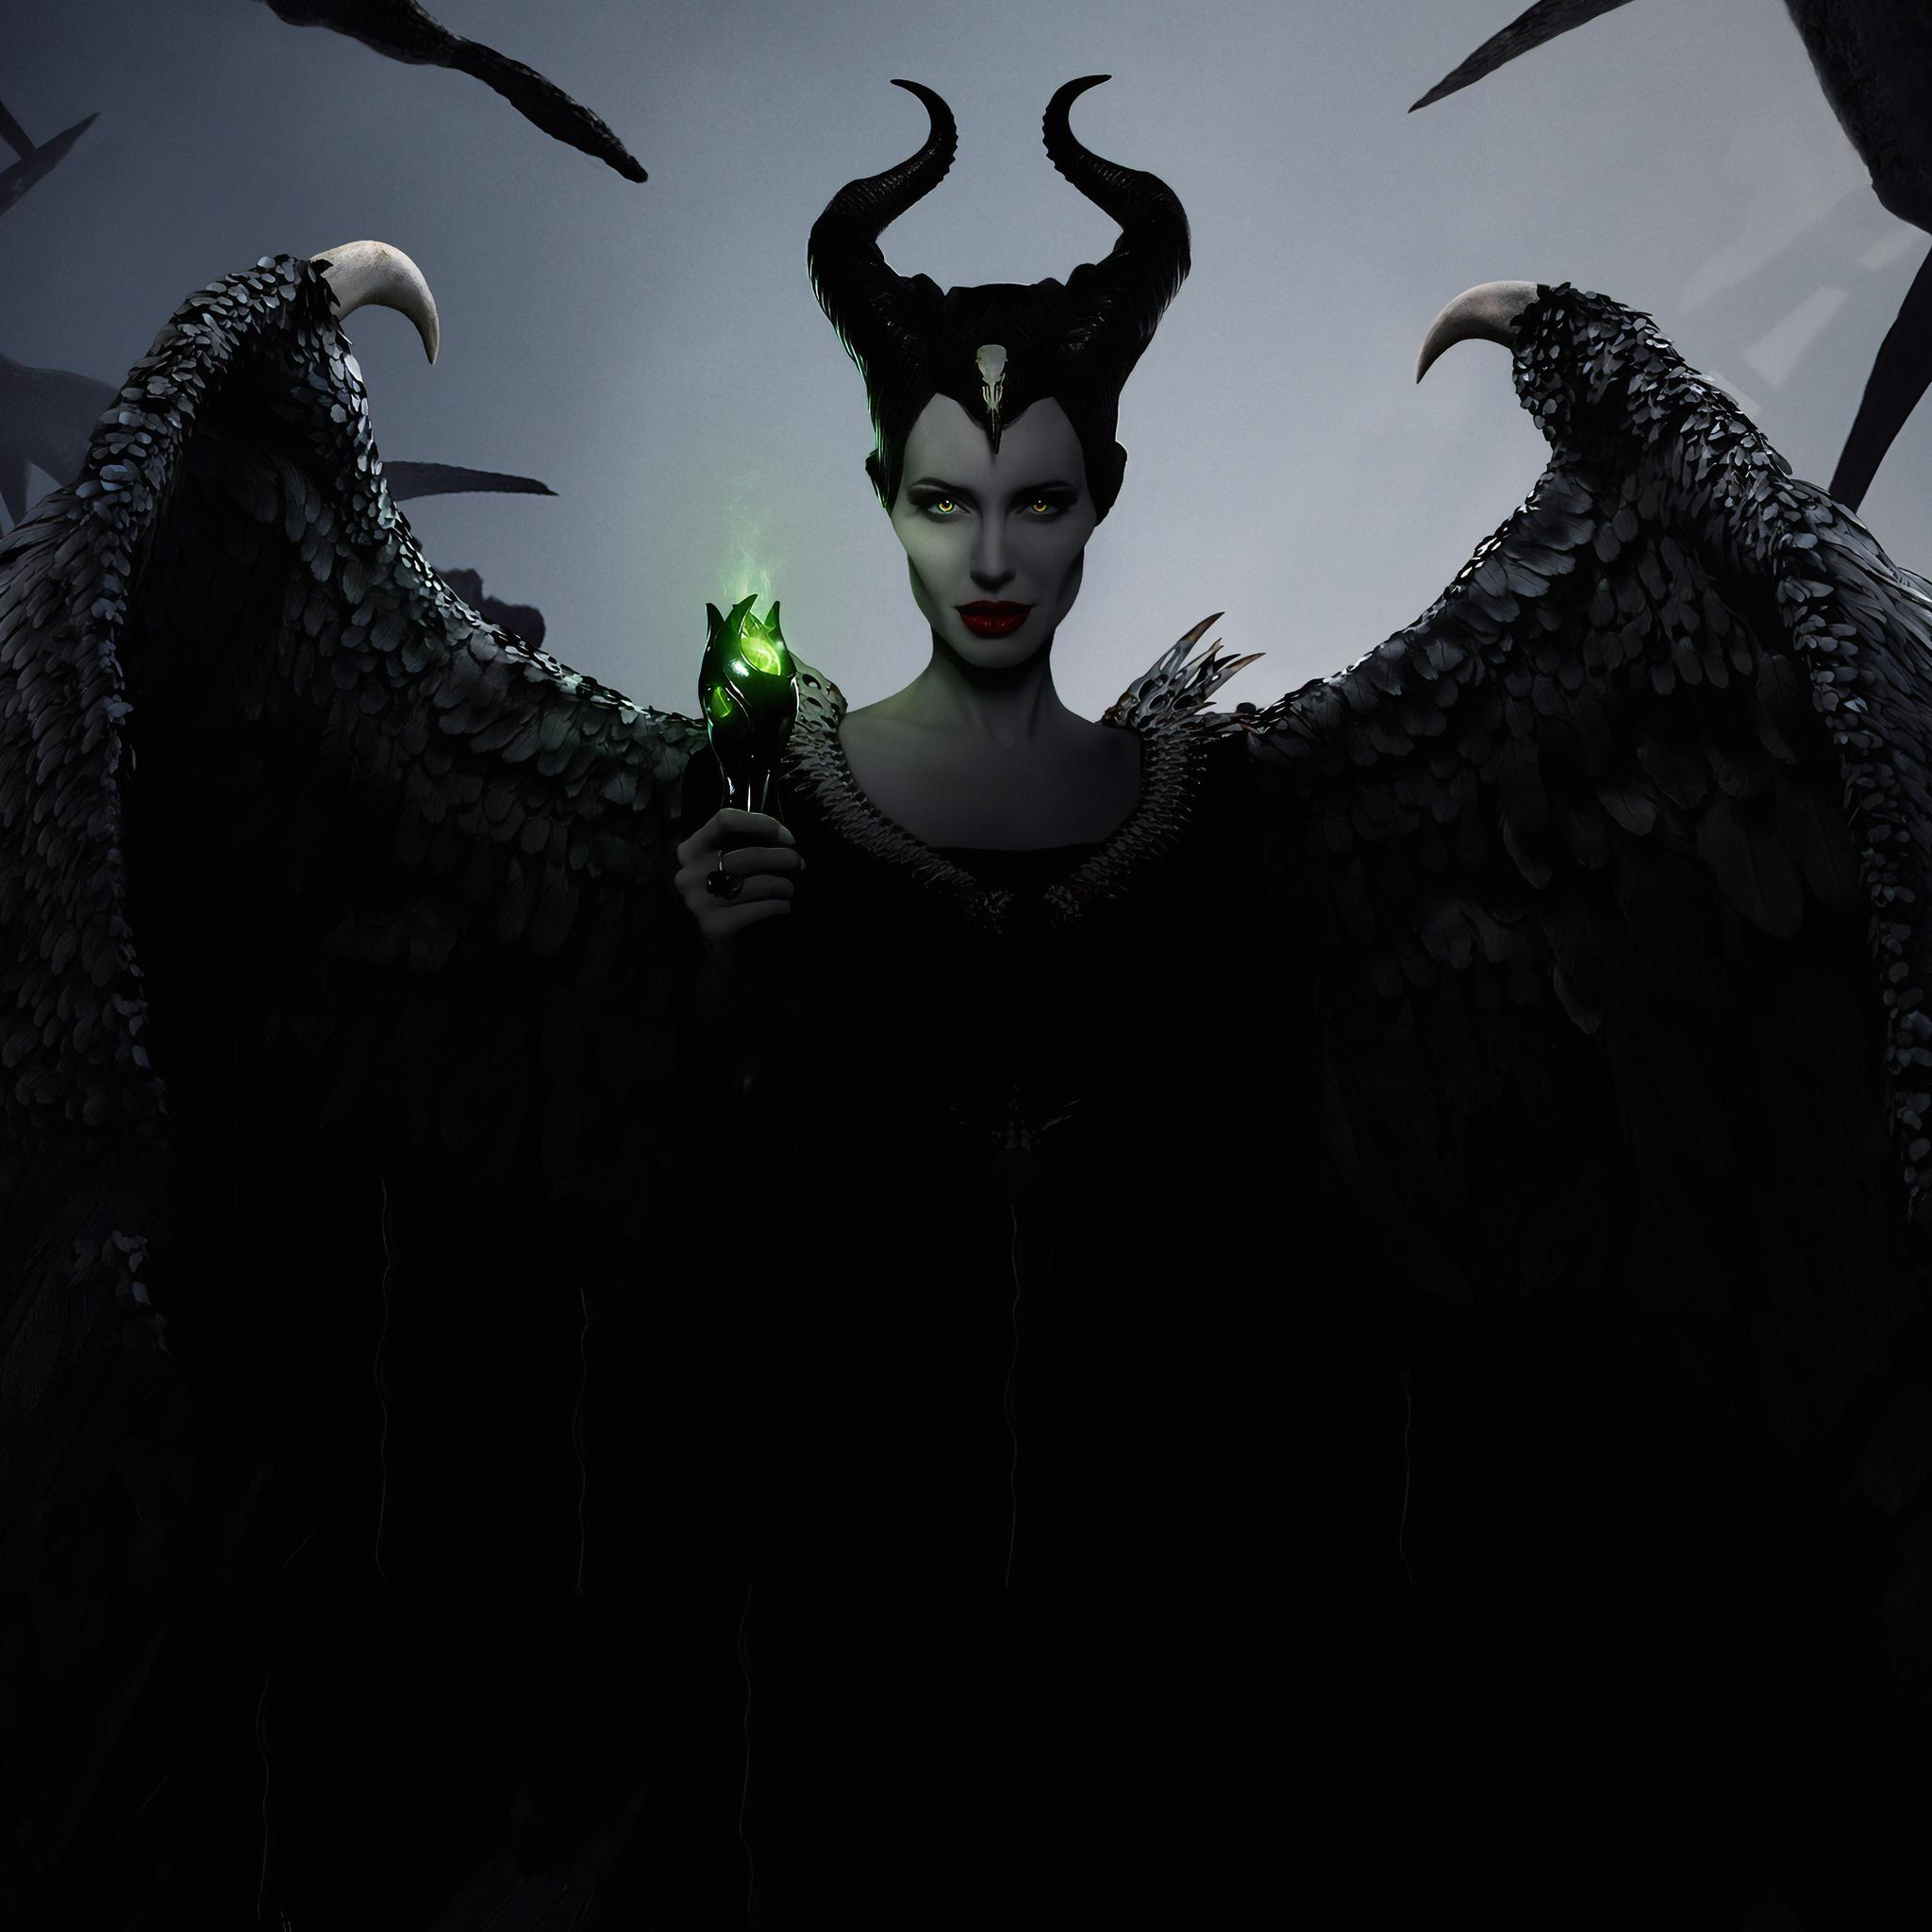 2048x2048 Maleficent Mistress Of Evil 2019 Imax Ipad Air Hd